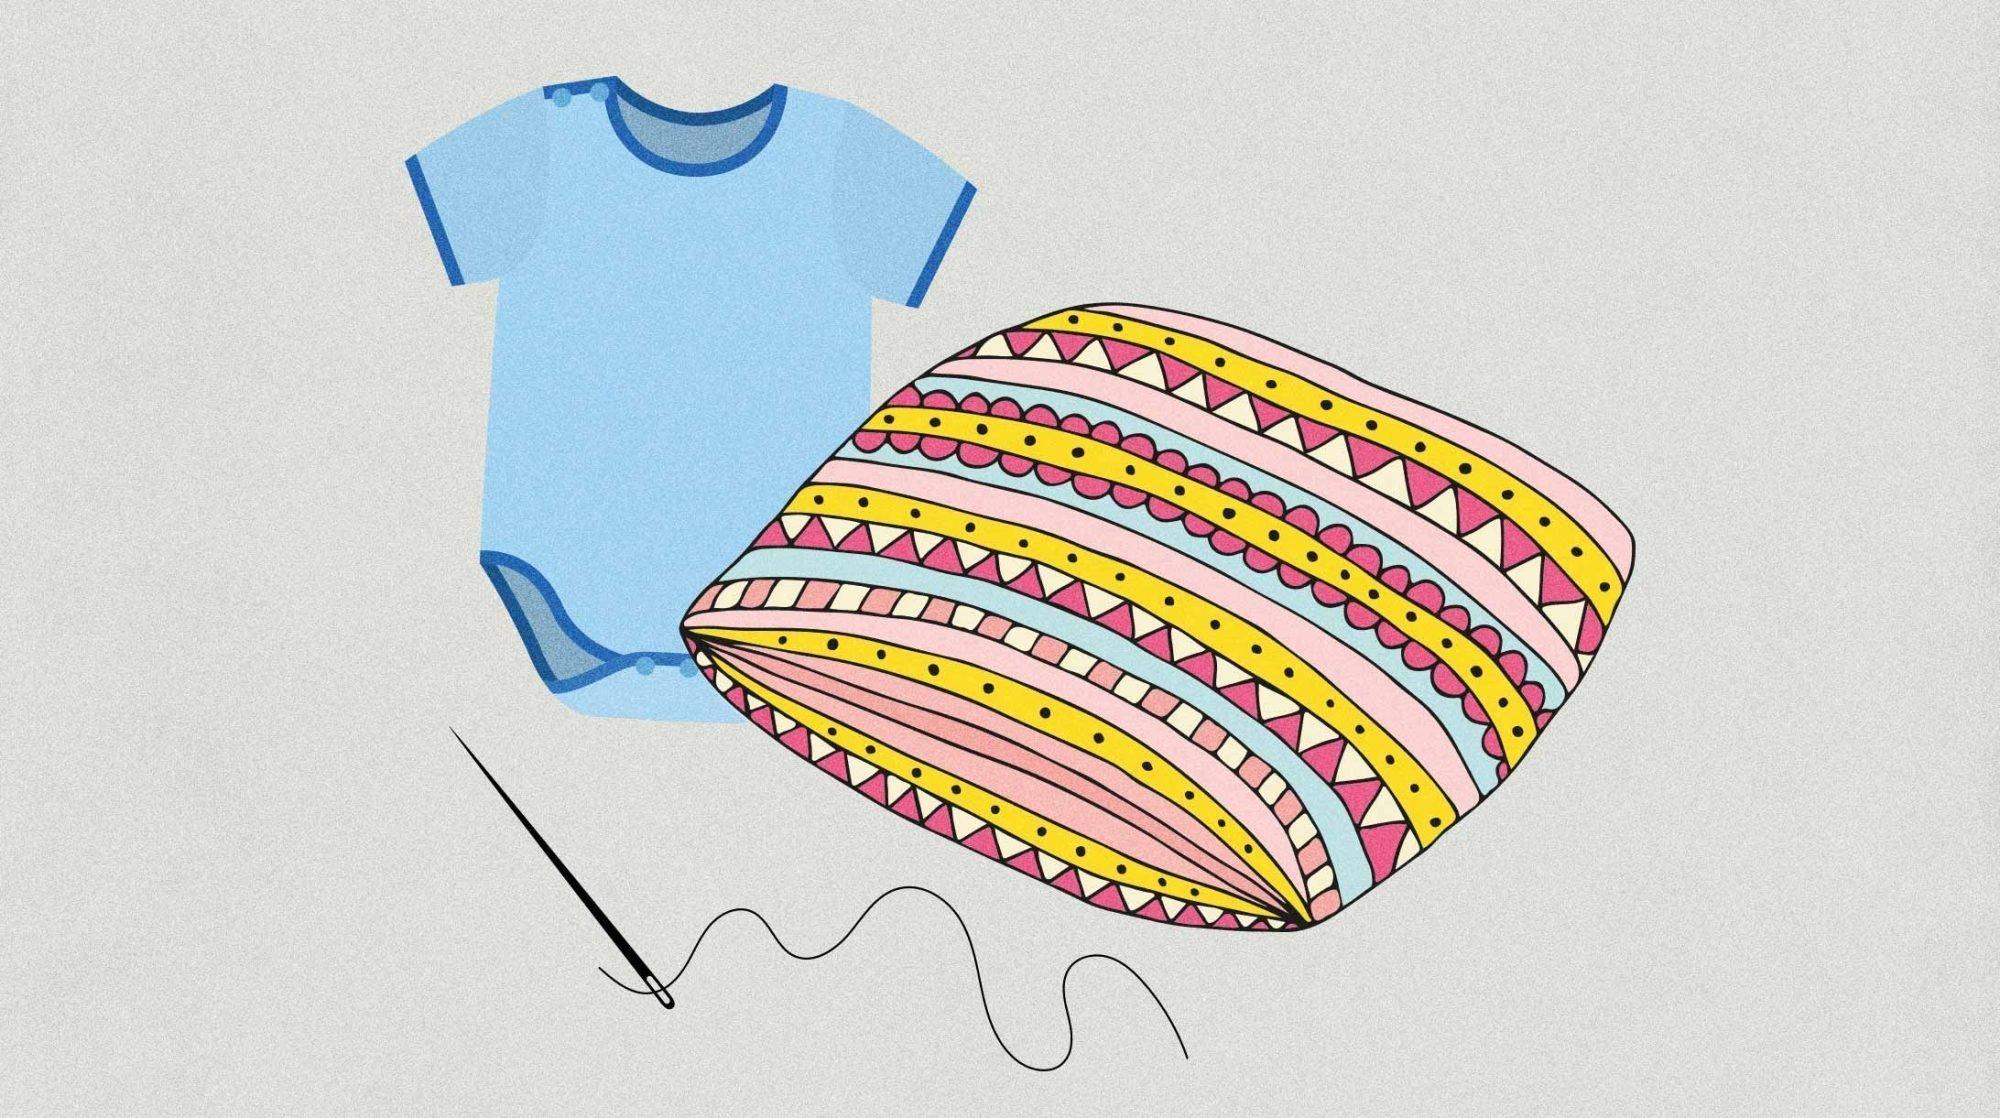 Geburtsrituale: Illustration eines Hemdchens, das in ein Kissen genäht wird.